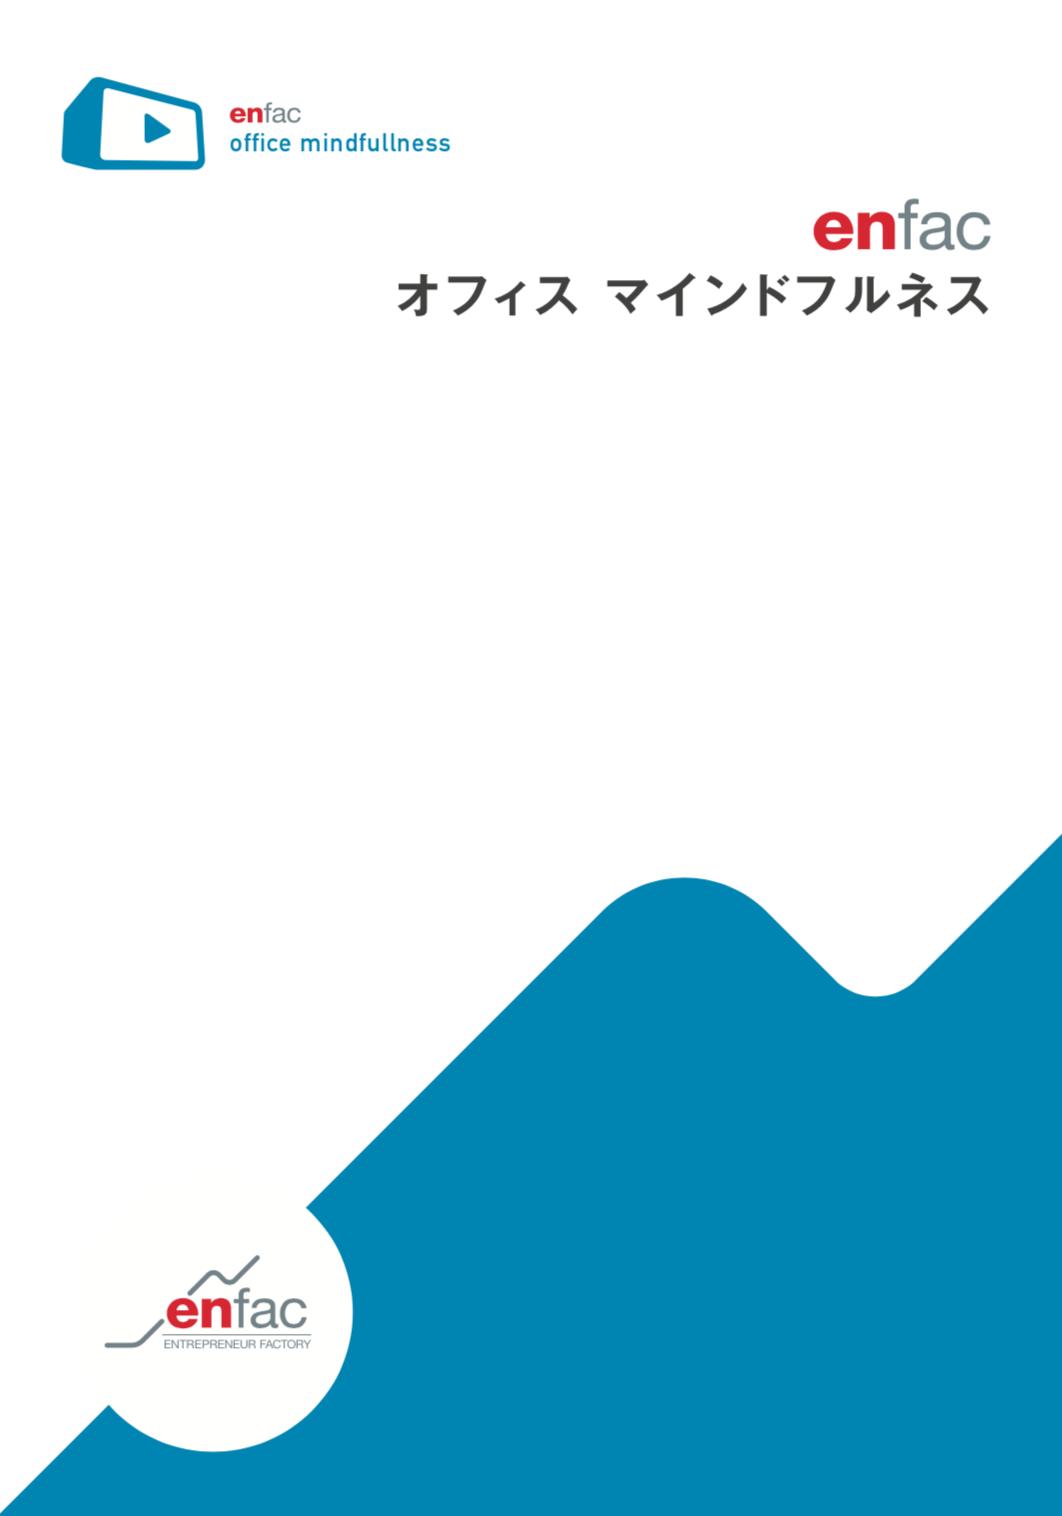 【無料ID発行中】enfacオフィスマインドフルネス